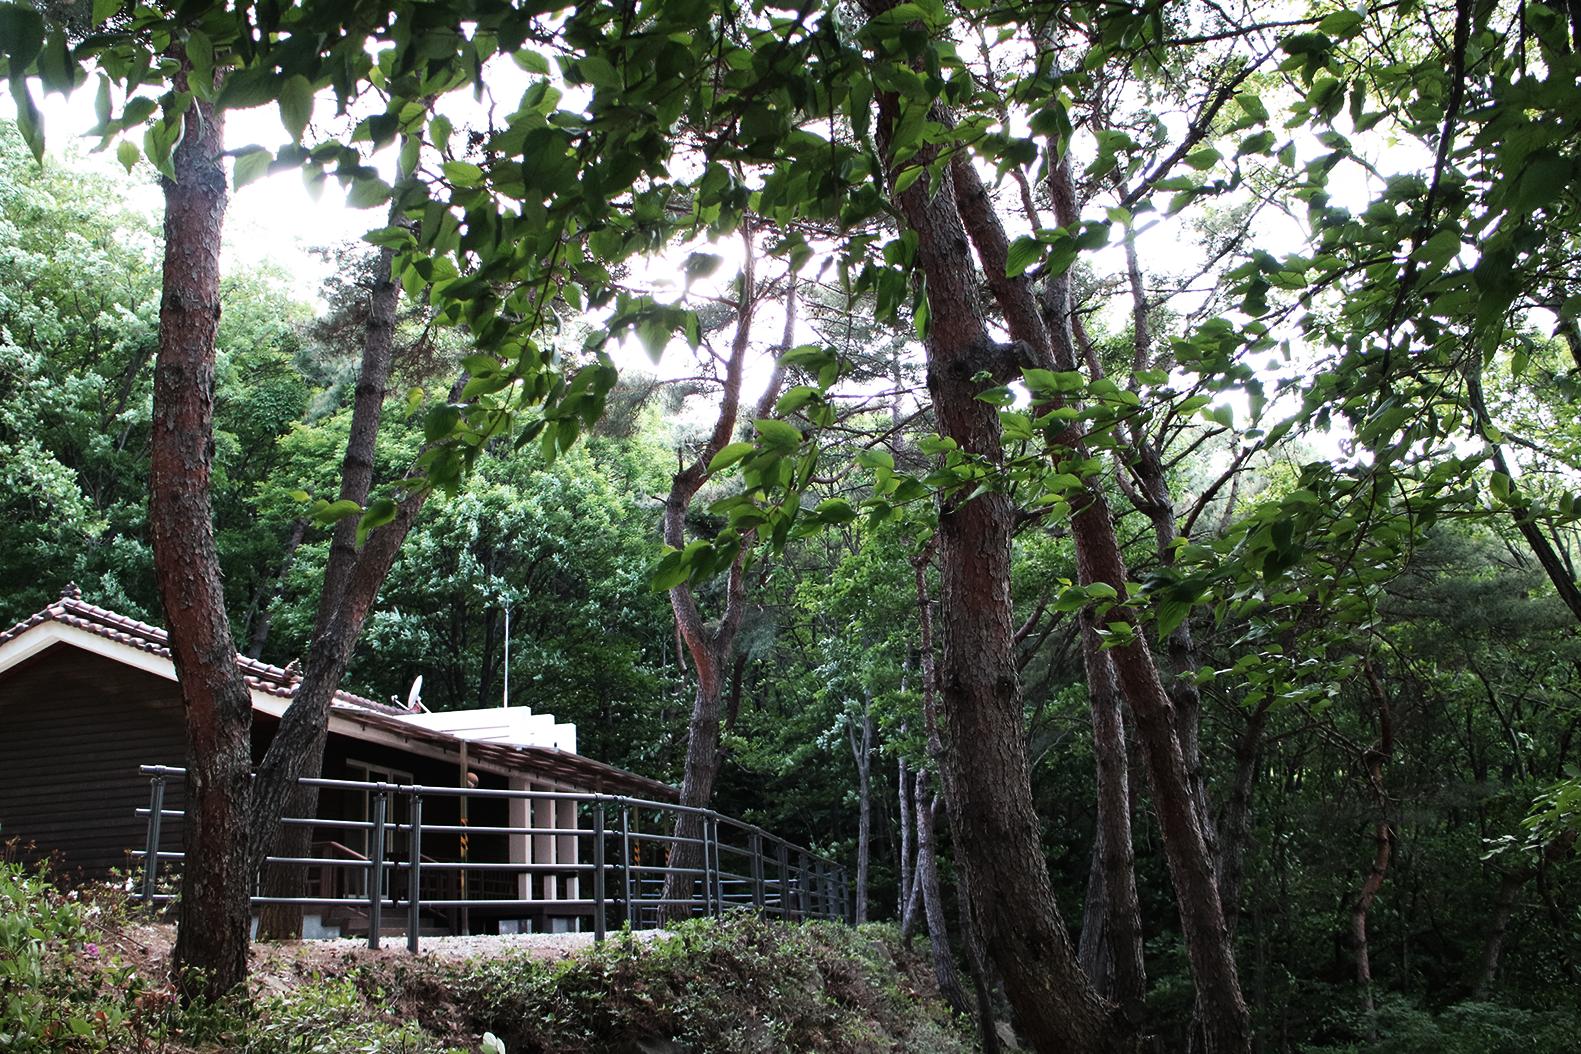 깊은 숲속의 작은 집 -자정향